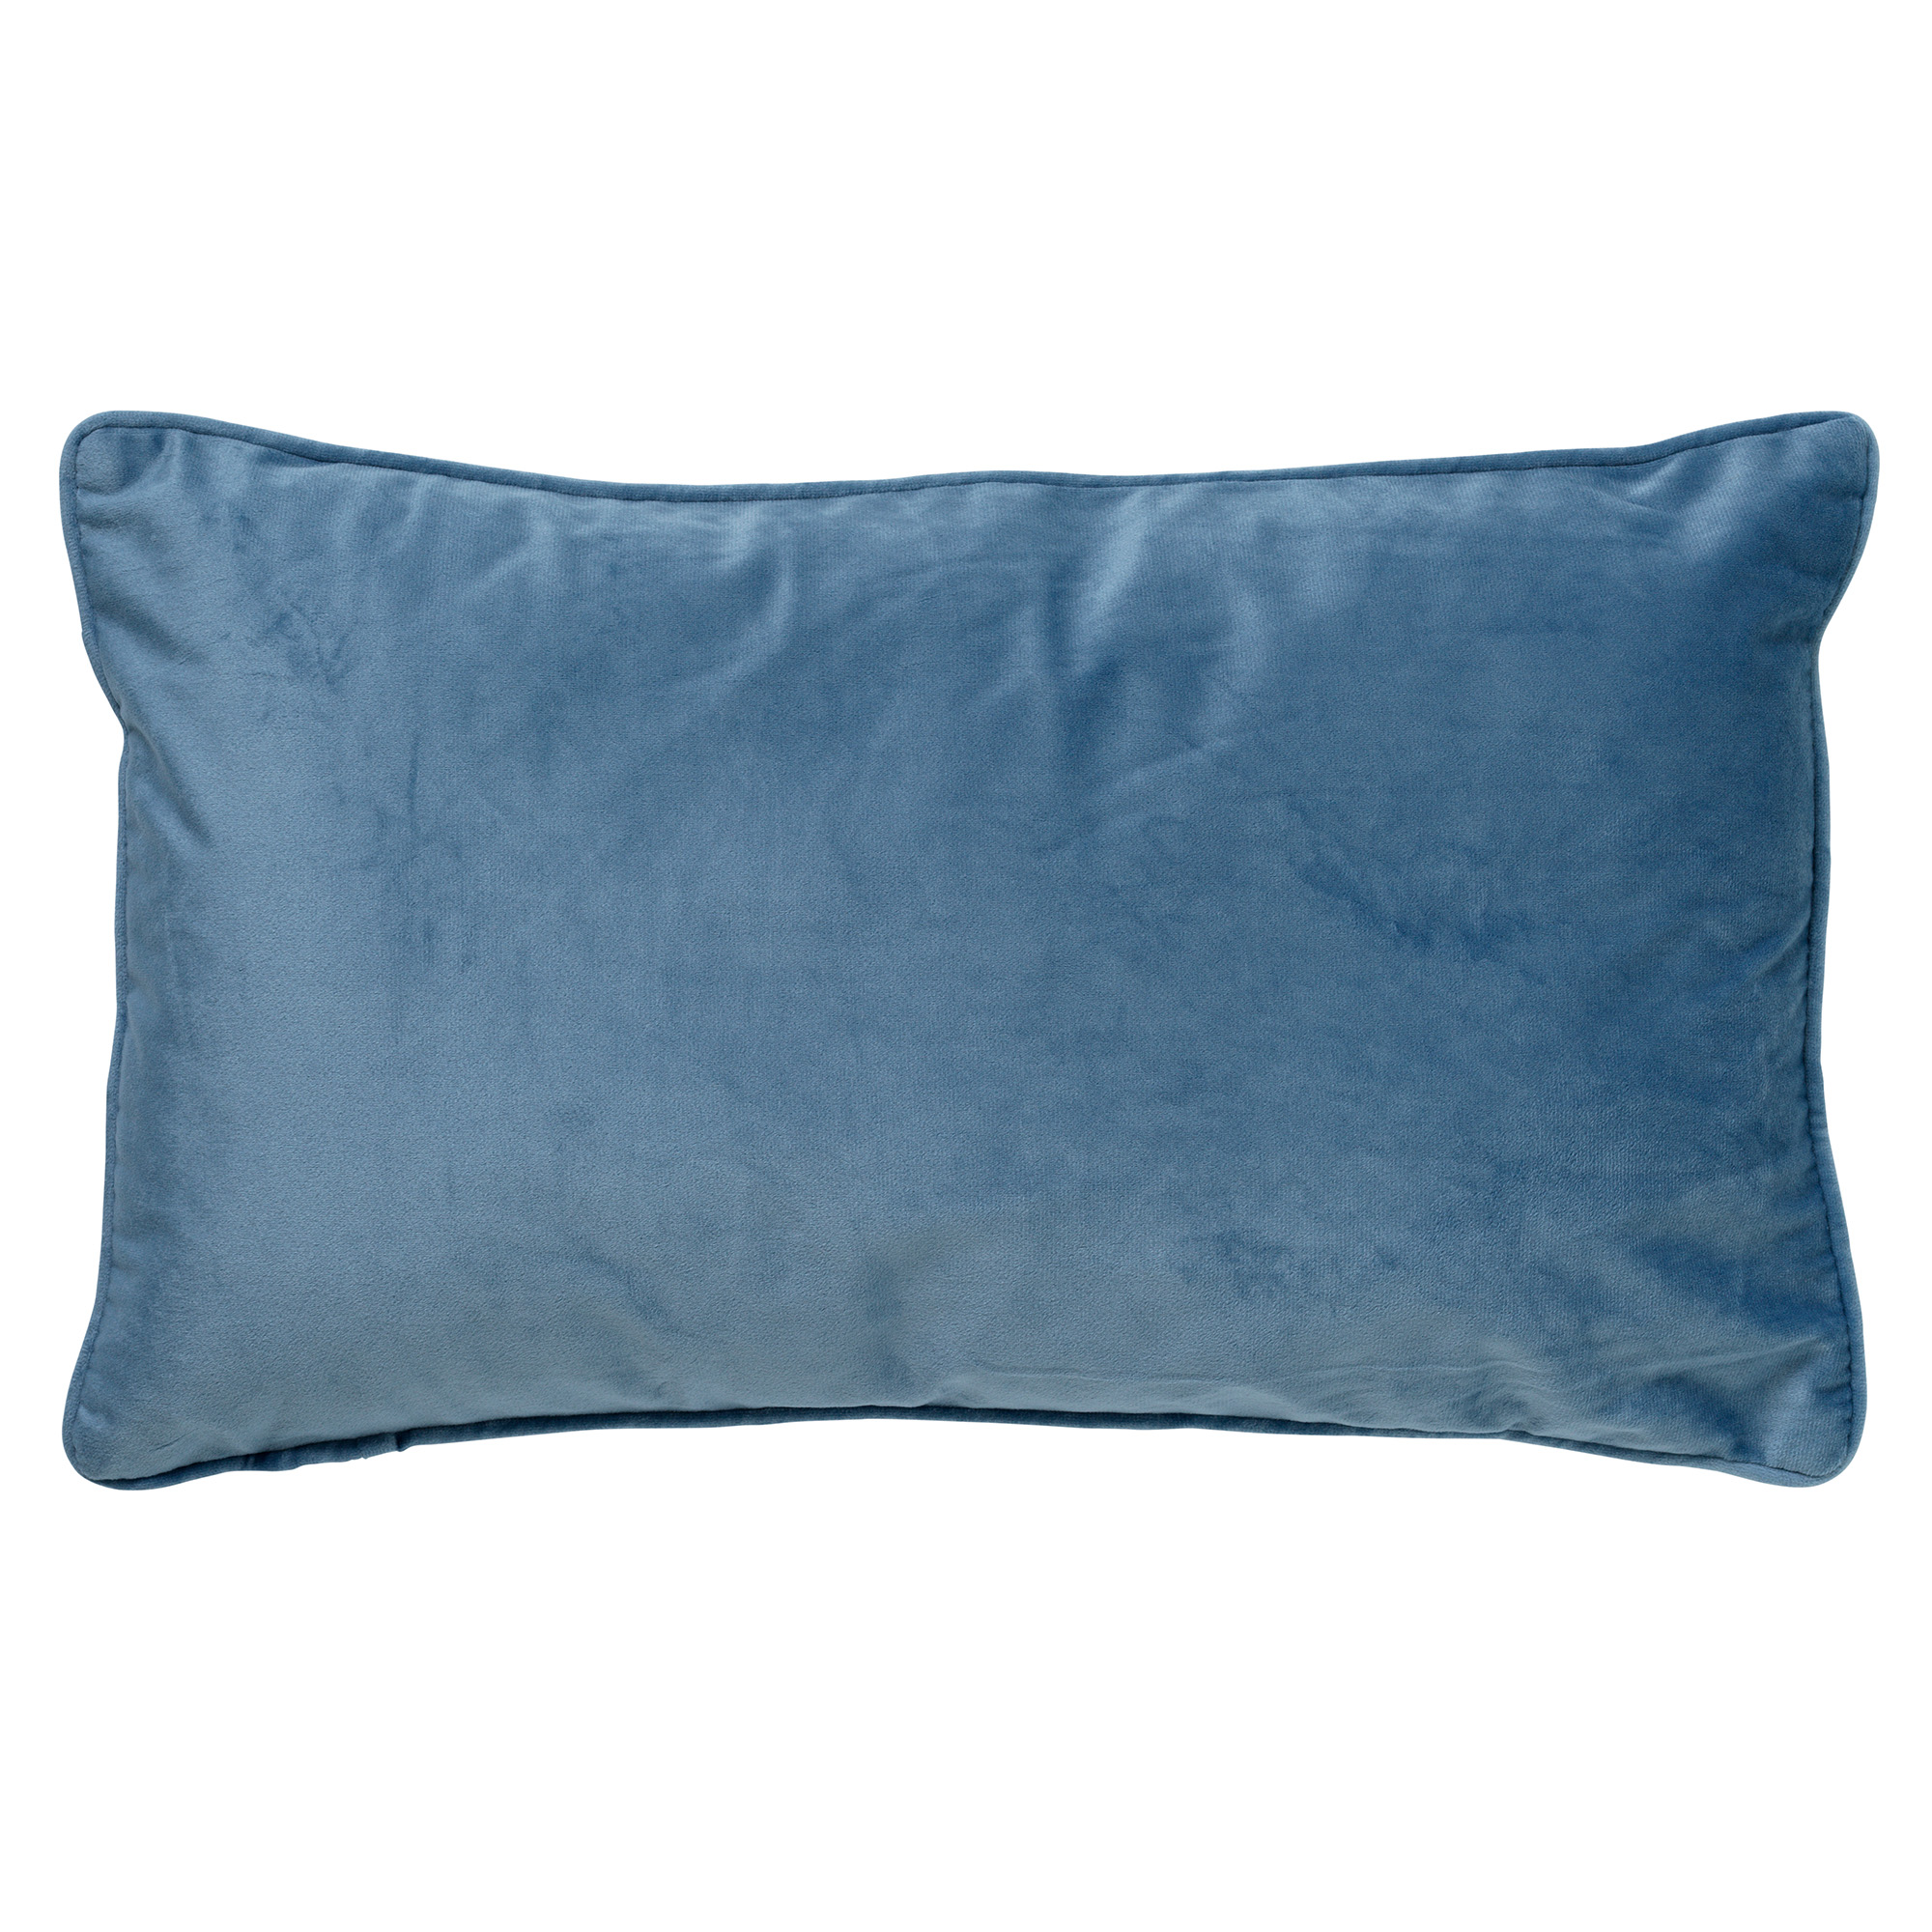 FINN - Sierkussen velvet Provincial Blue 30x50 cm